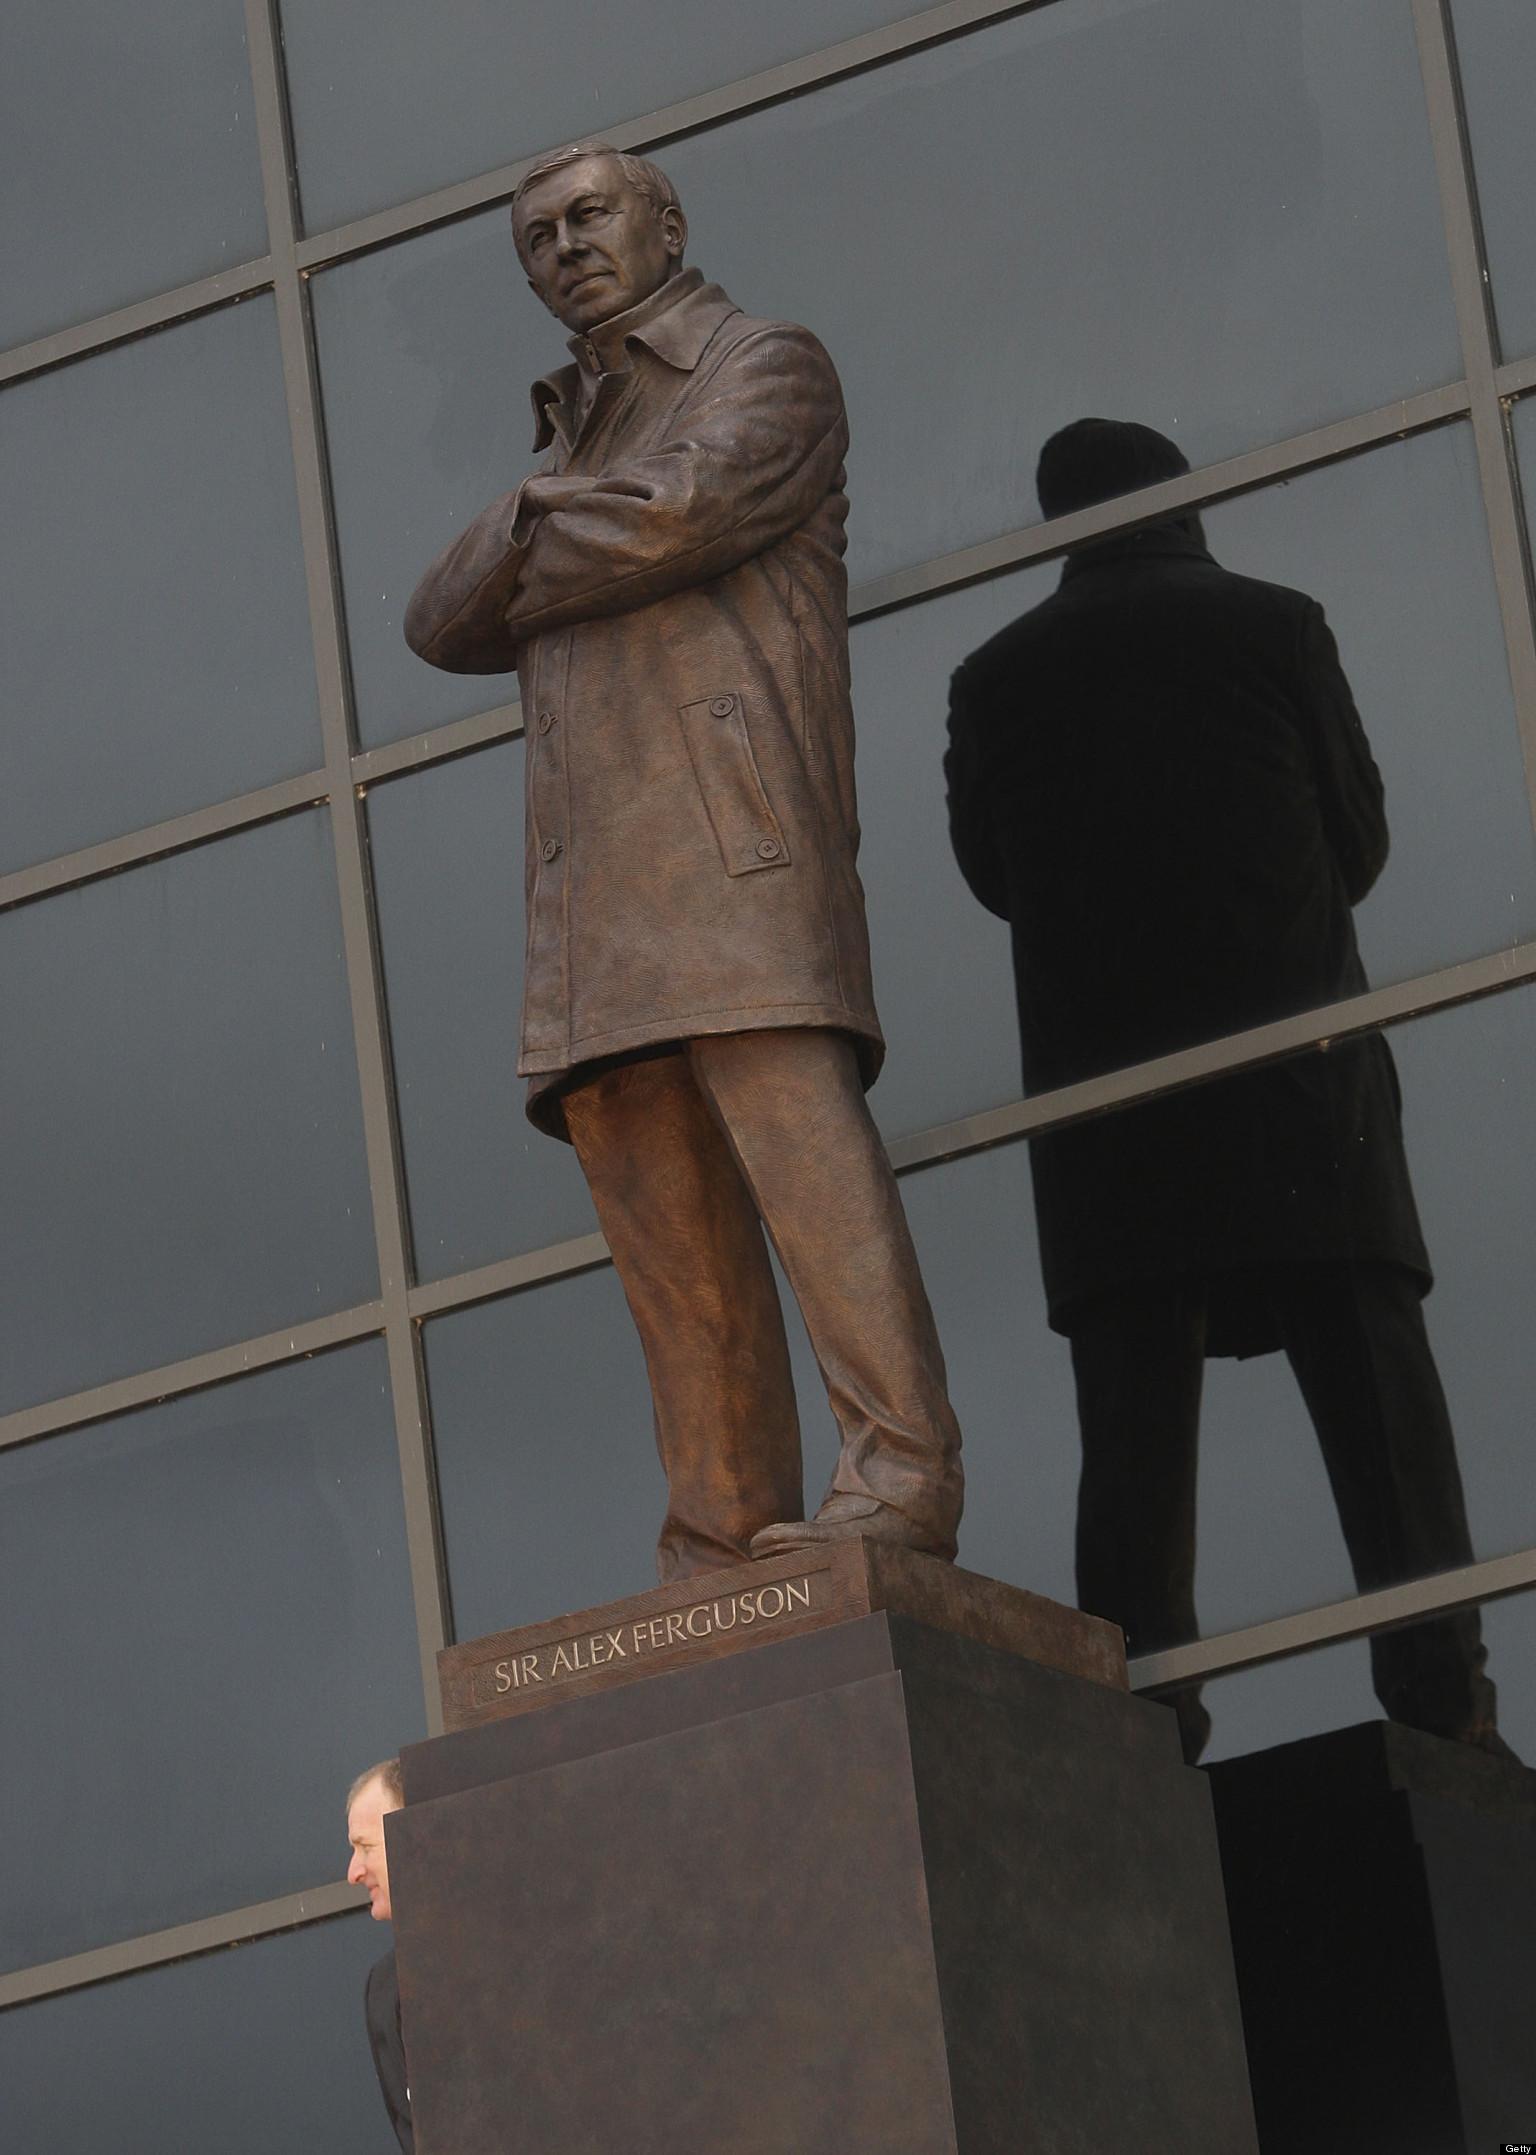 Sir Alex Ferguson Statue Unveiled At Old Trafford ...